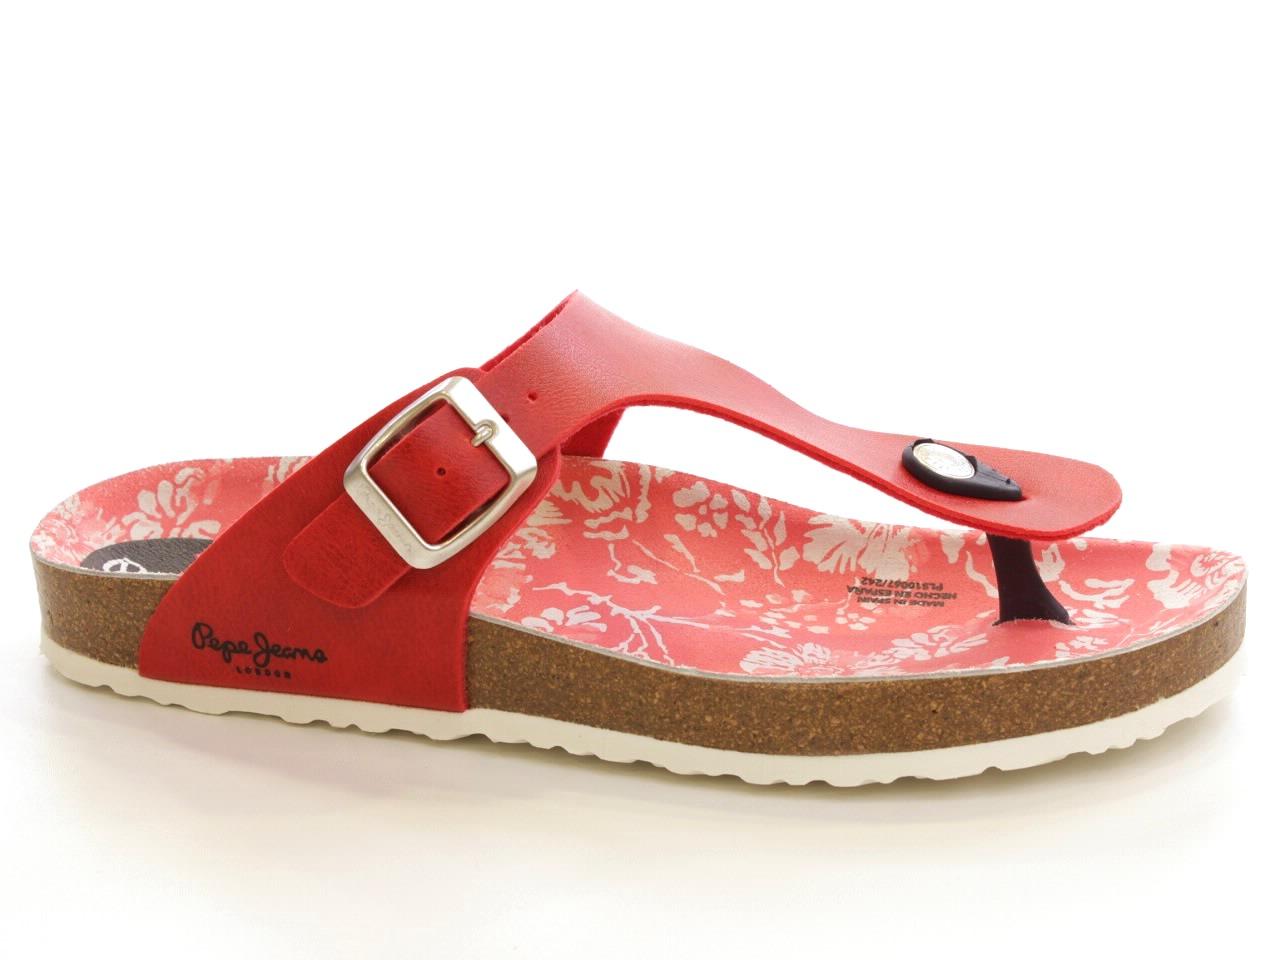 Sandalias Planas Pepe Jeans - 608 PLS10067